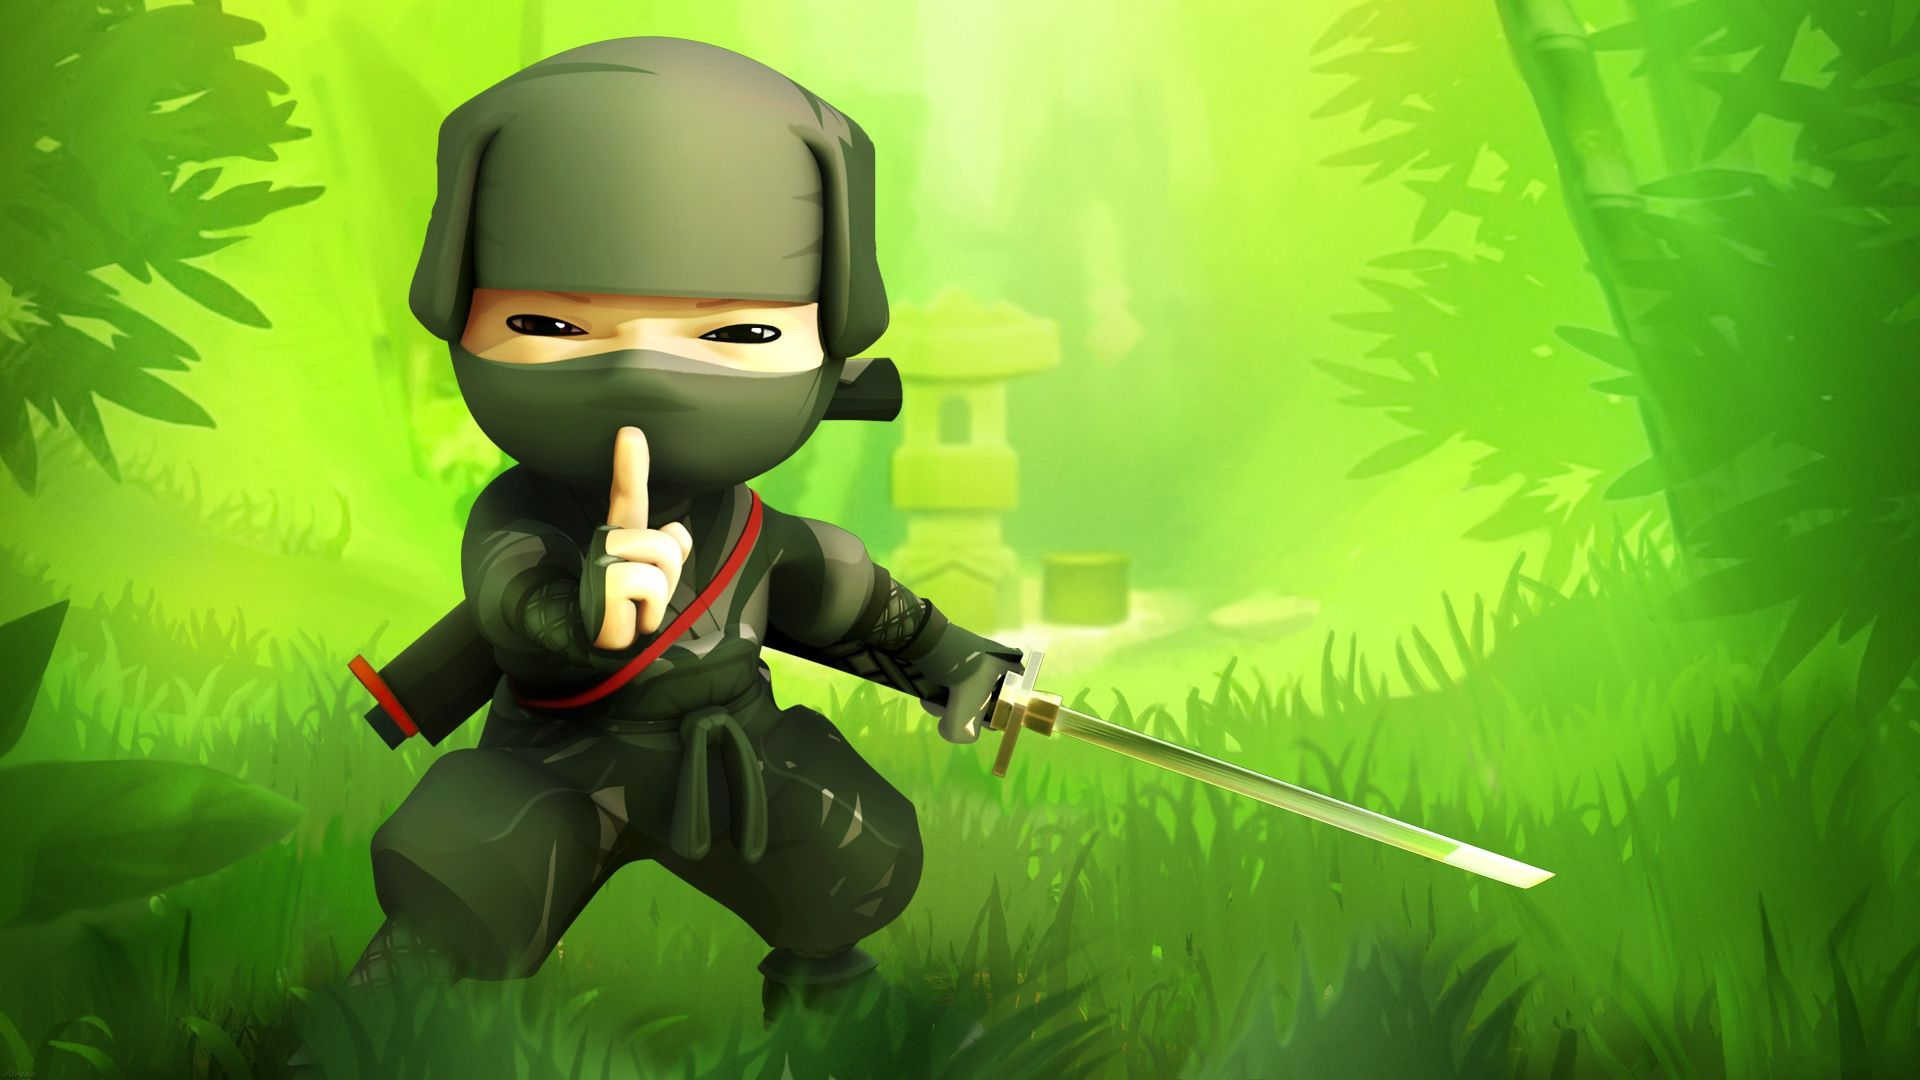 Cool Ninja Cartoon Wallpapers   Top Cool Ninja Cartoon 1920x1080